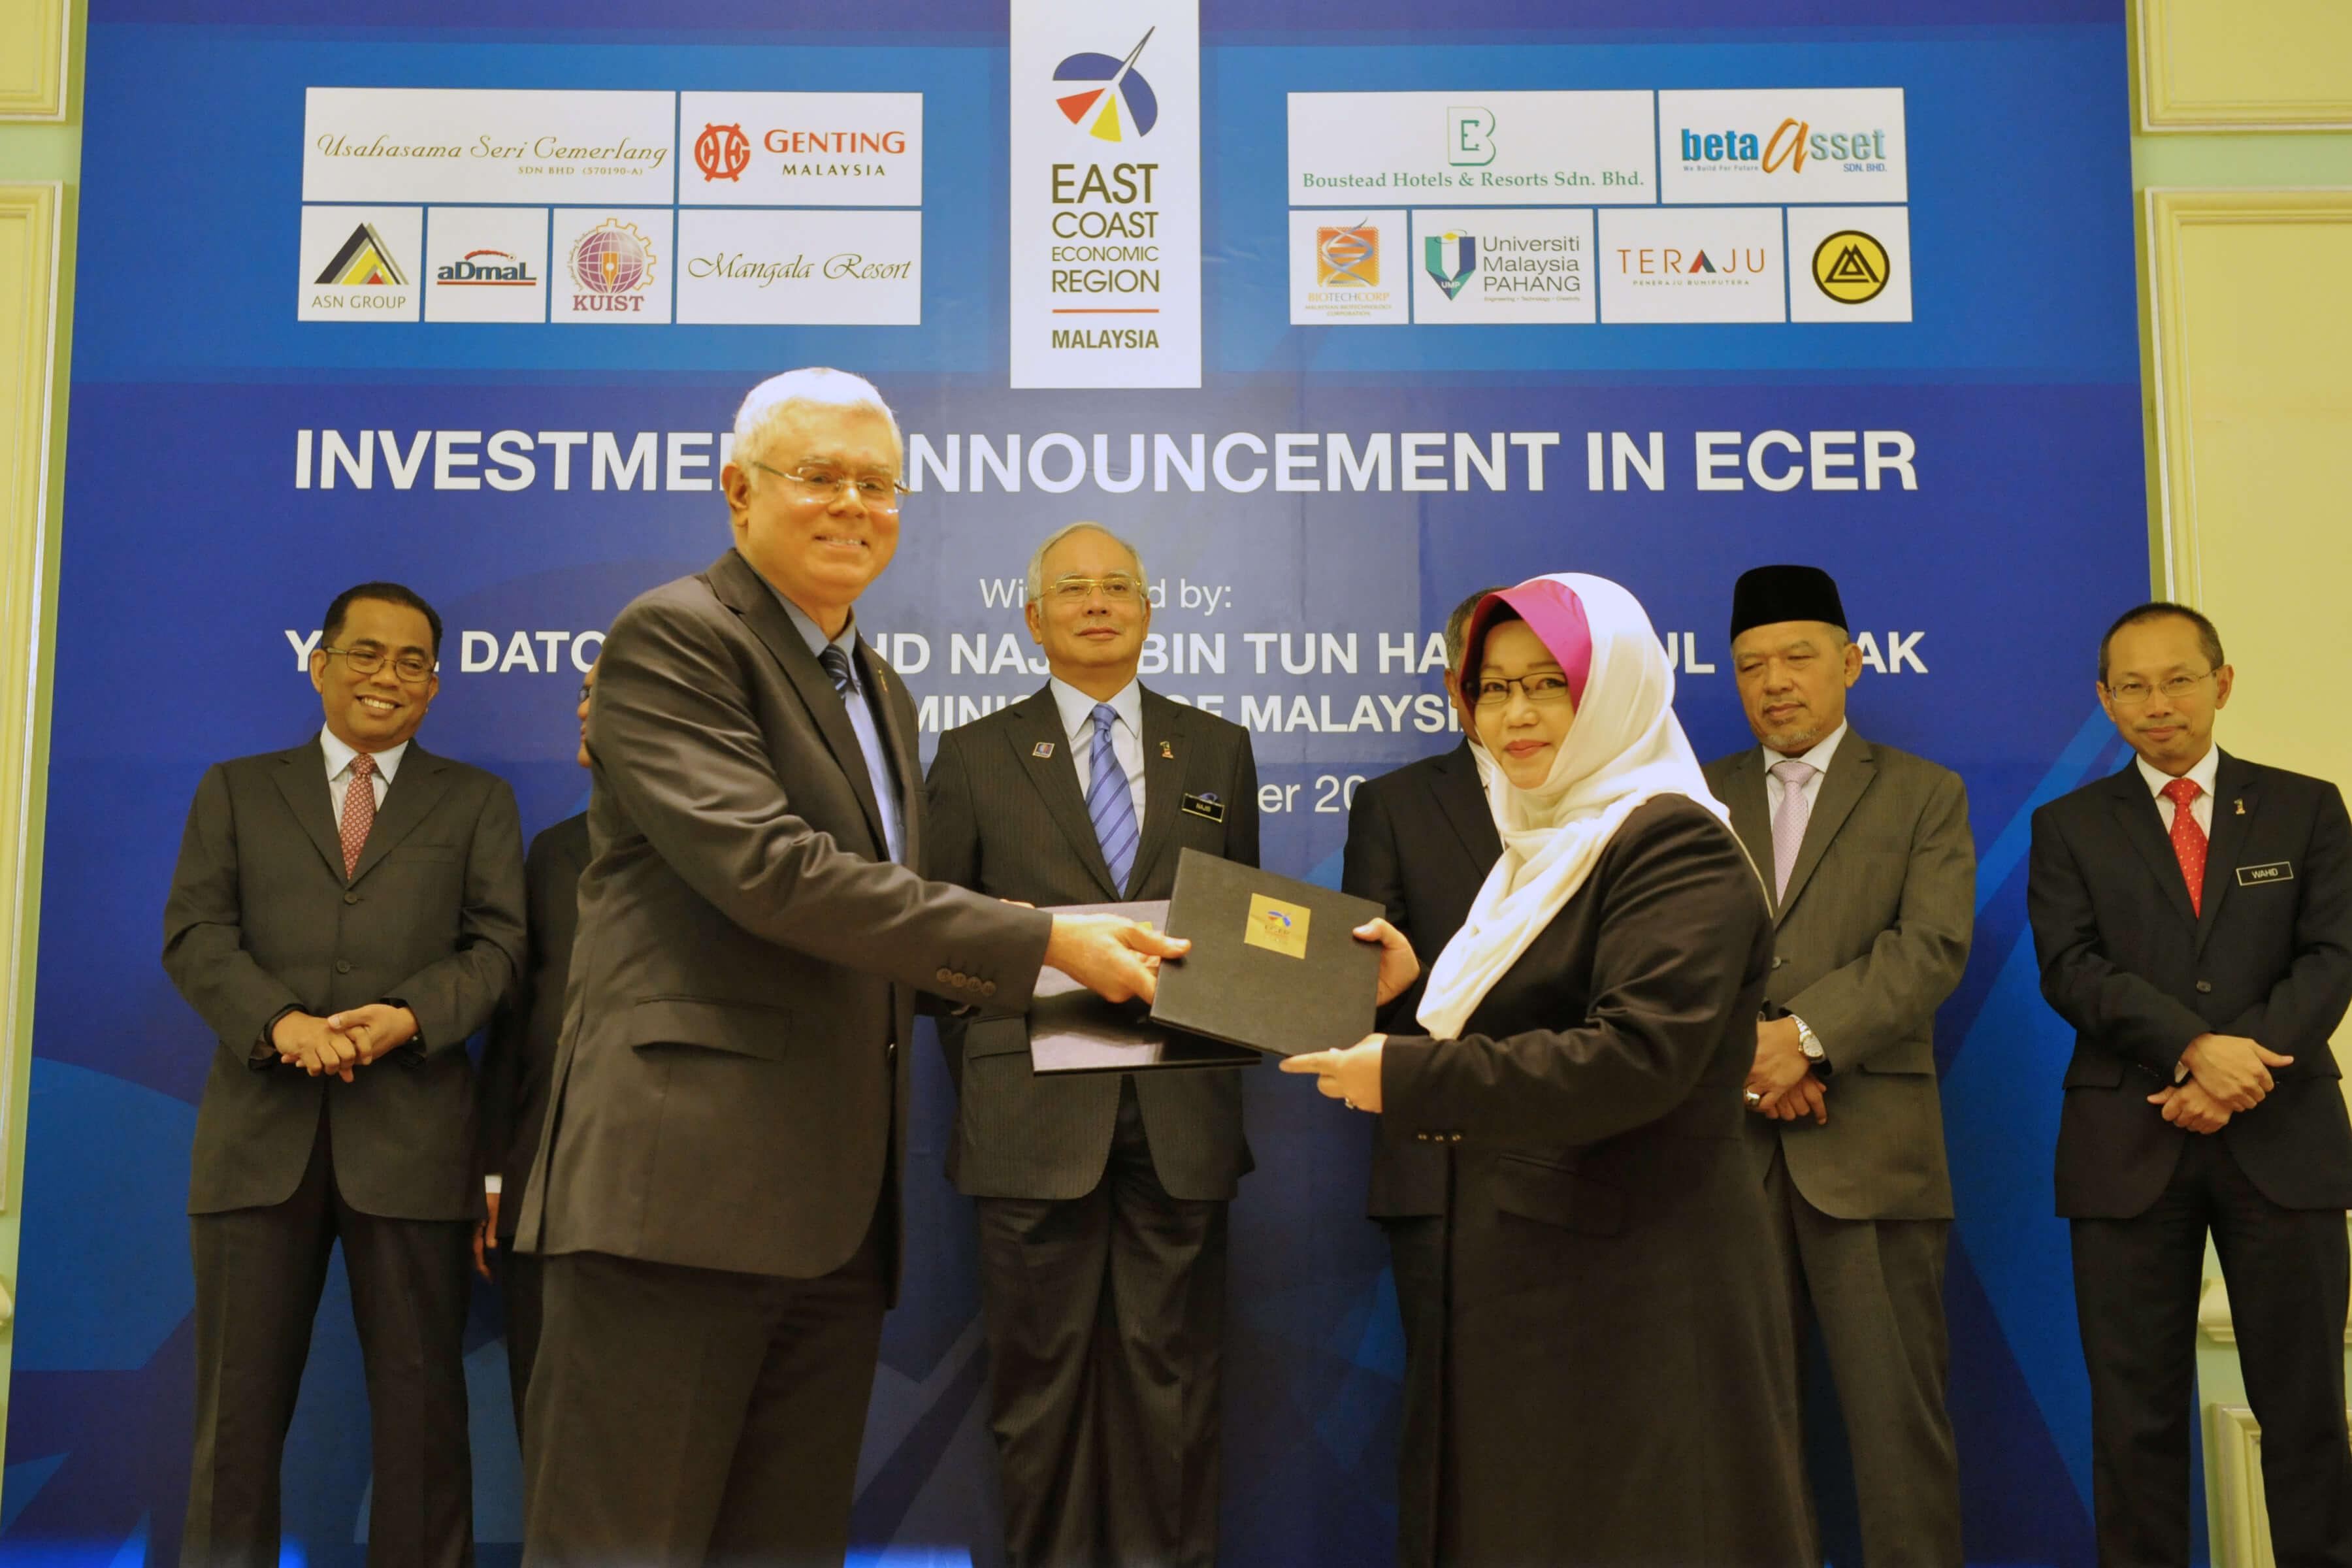 ECER Malaysia Event